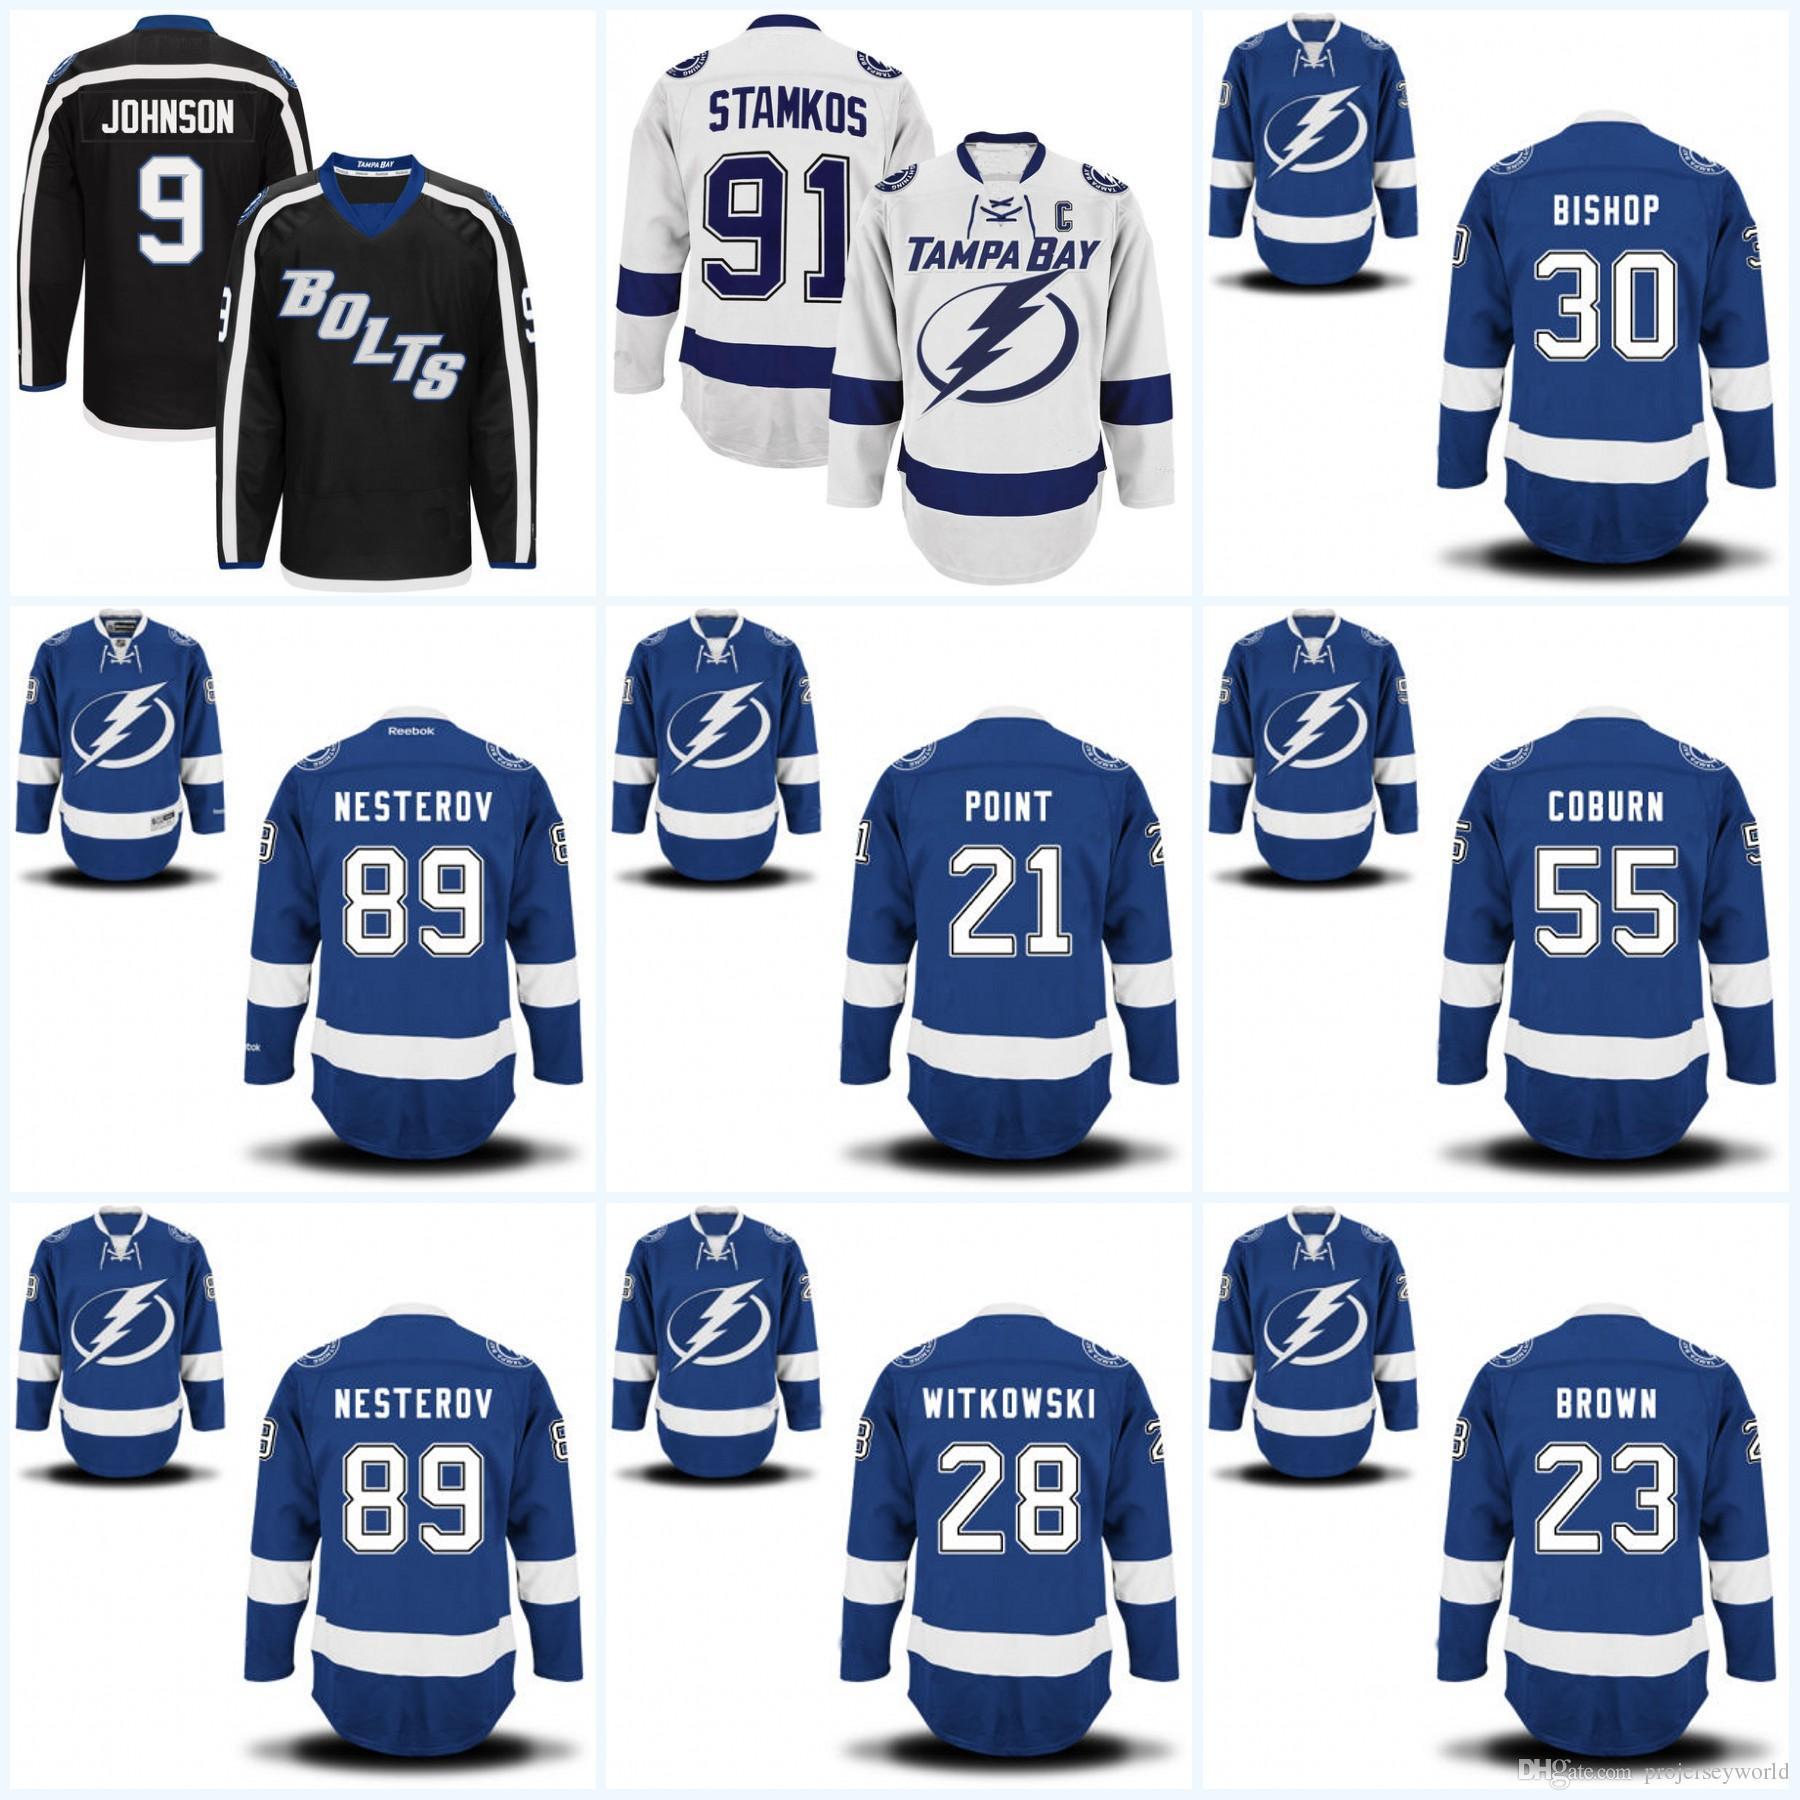 online store 3c380 433e5 Mens Tampa Bay Lightning Jerseys 21 Brayden Point 23 J.T. Brown 28 Luke  Witkowski 30 Ben Bishop Hockey Jerseys